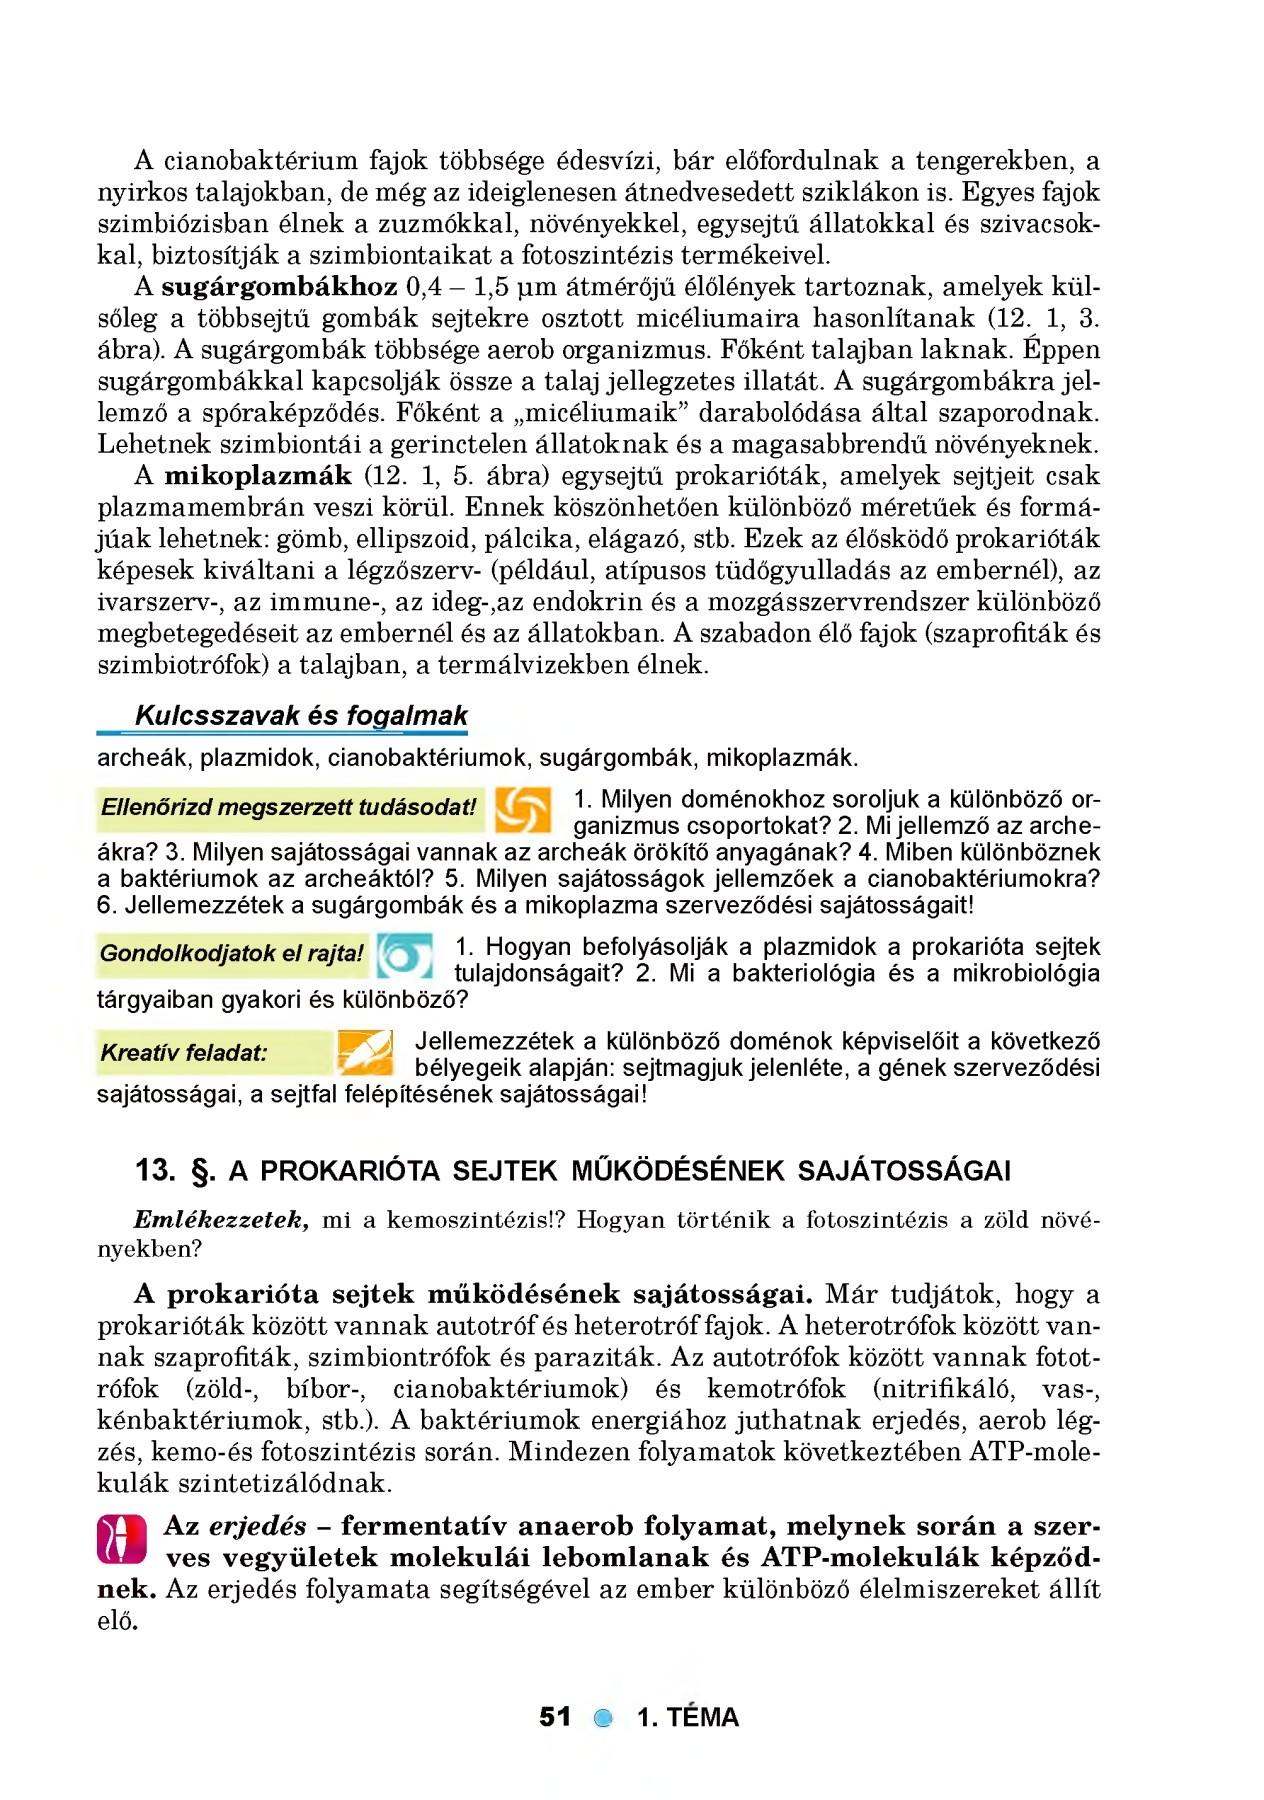 Gyógymód a parazita testének megtisztítására, A paraziták elleni gyógyszerek típusai